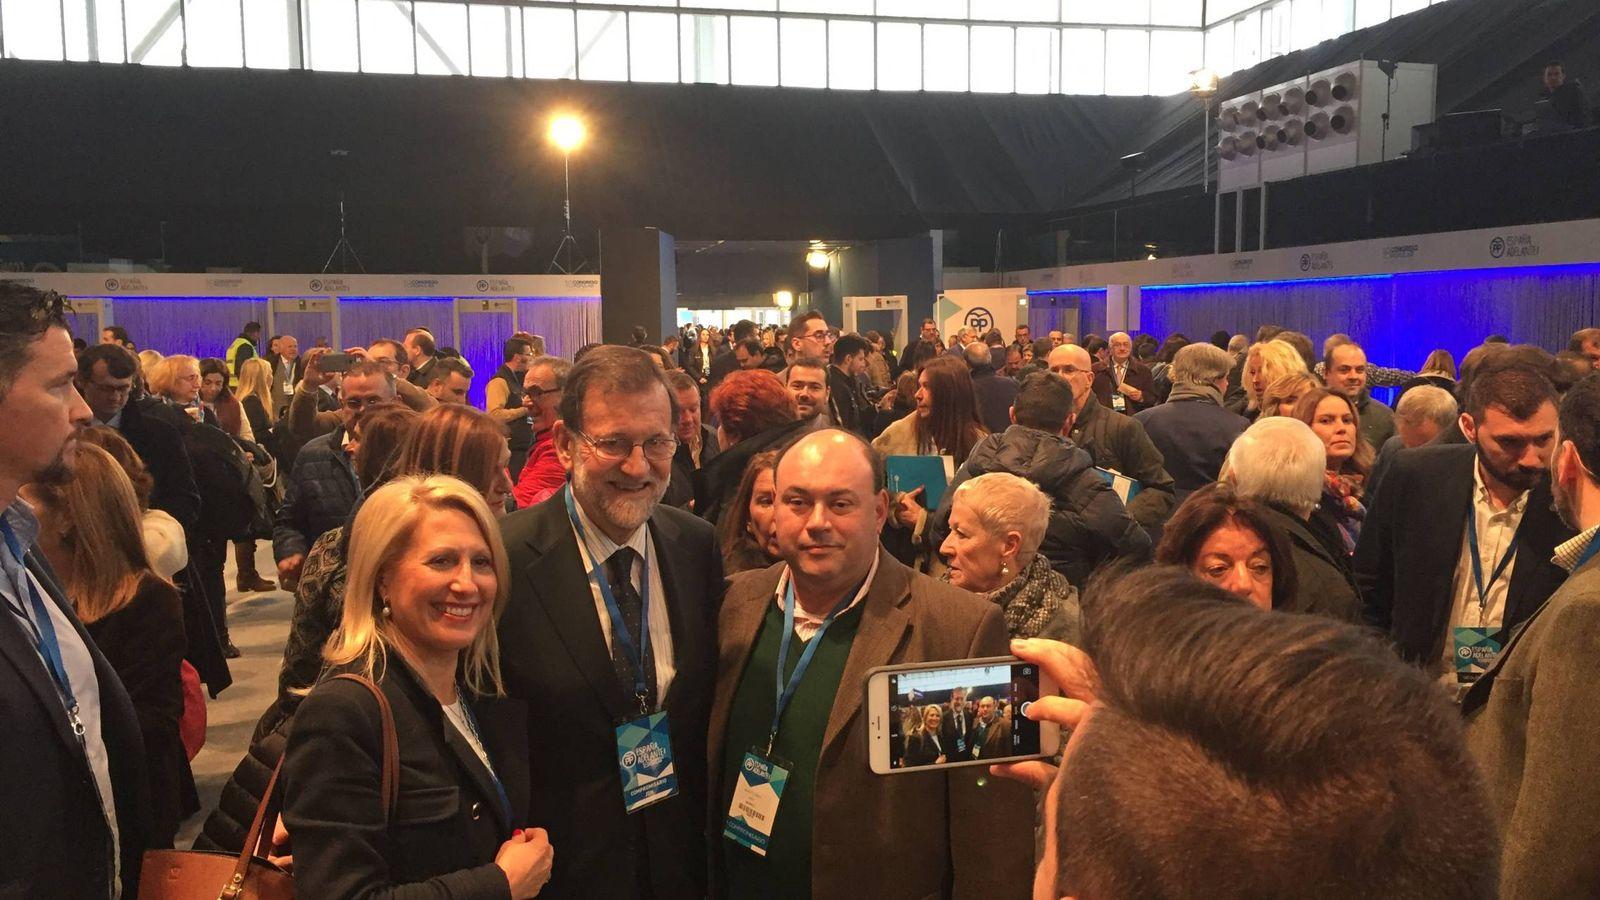 Foto: El presidente del Gobierno, Mariano Rajoy, se hace fotos con los compromisarios a su llegada al Congreso. (EC)